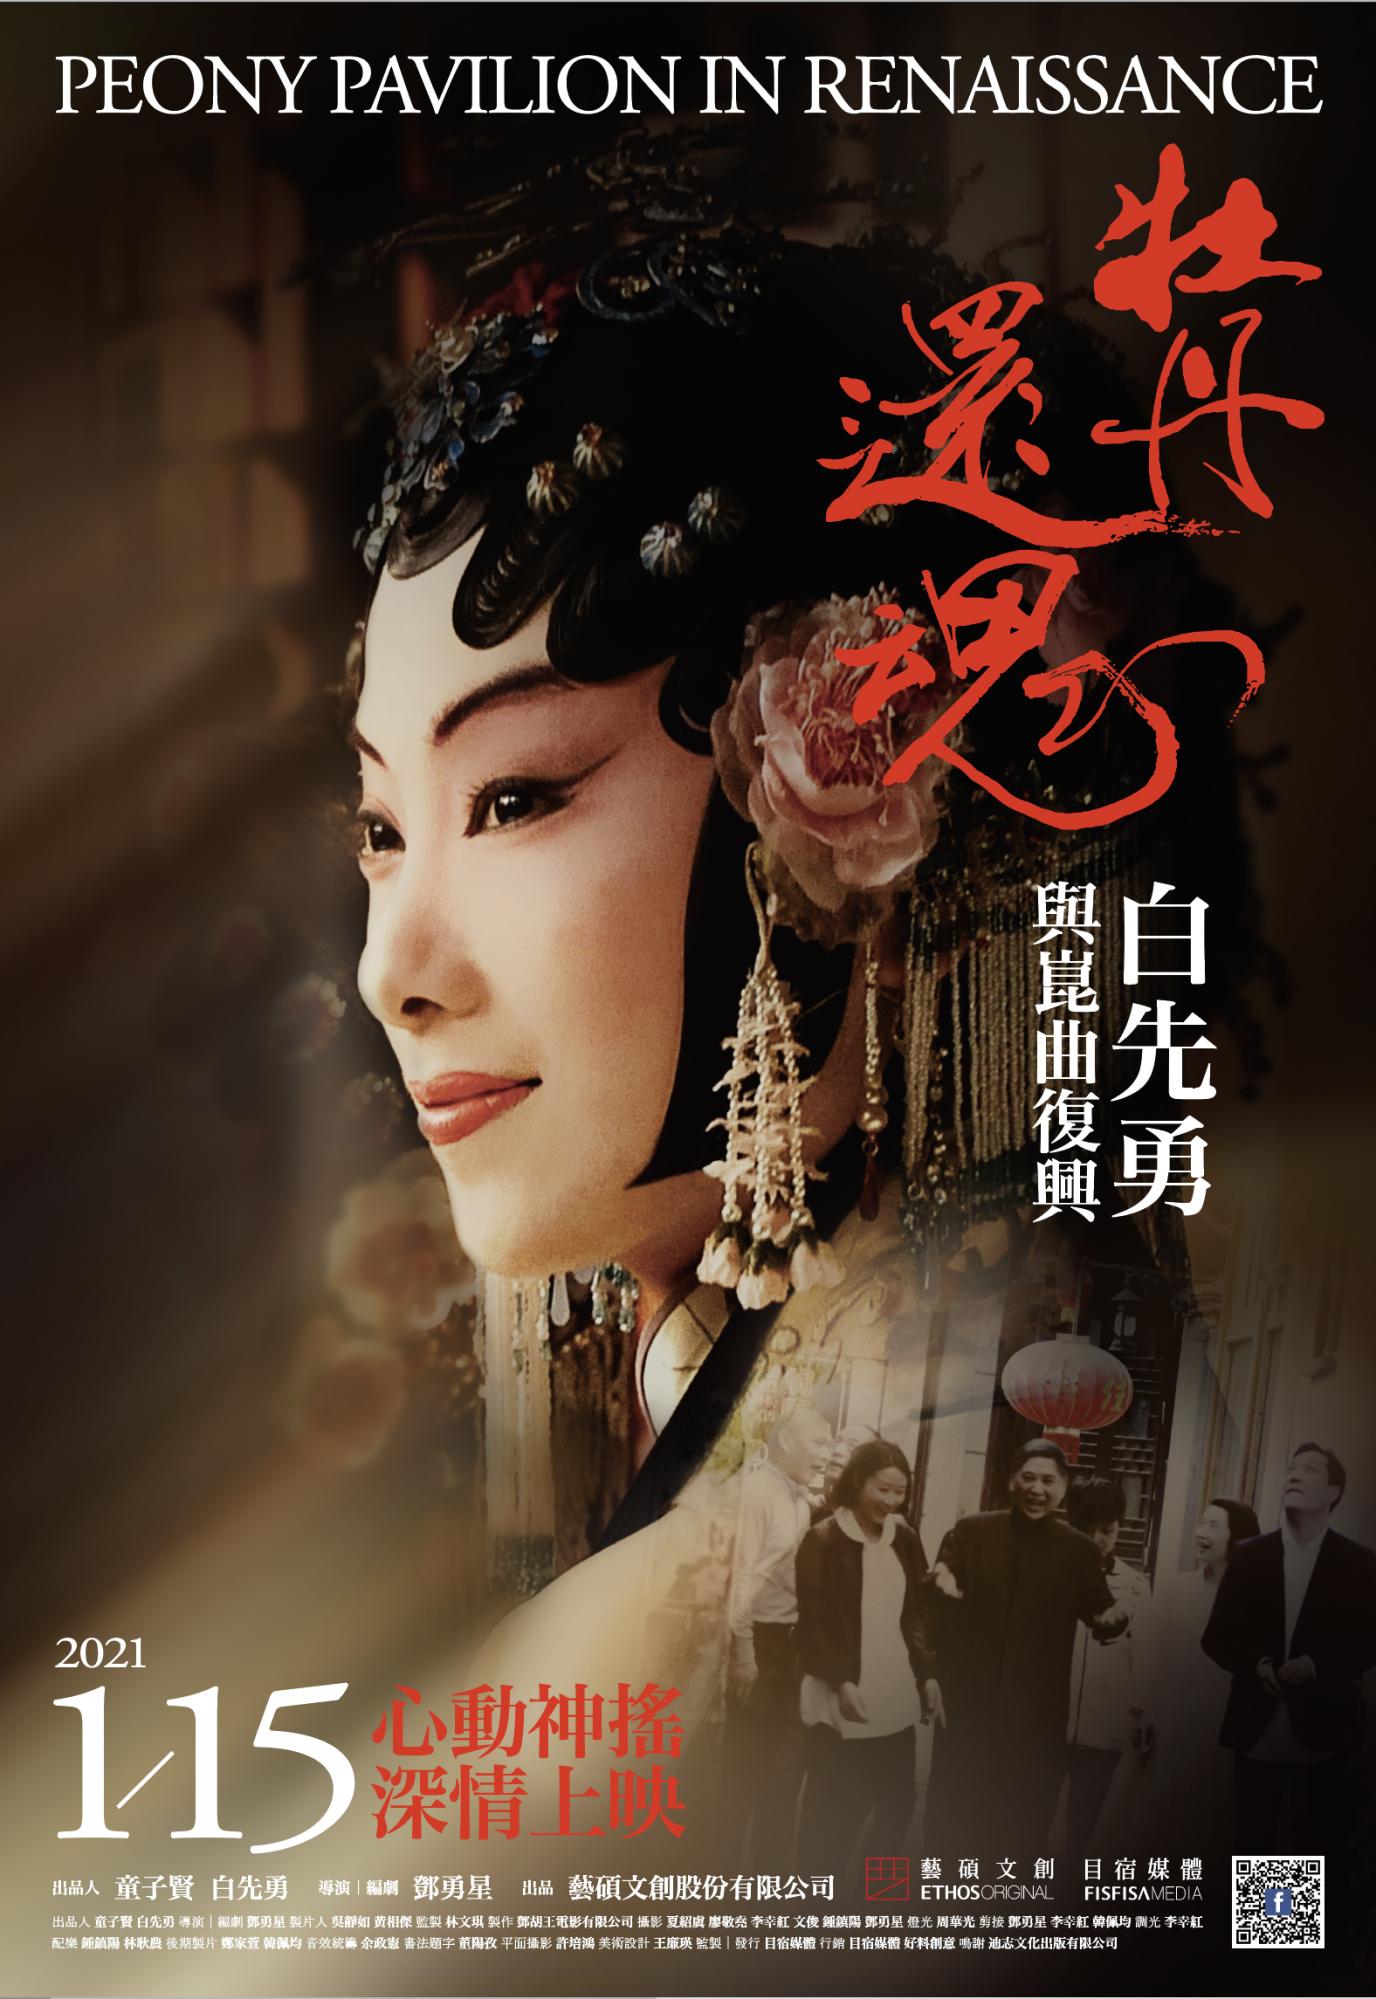 《牡丹還魂-白先勇與崑曲復興》主視覺海報。(圖 藝碩文創提供)